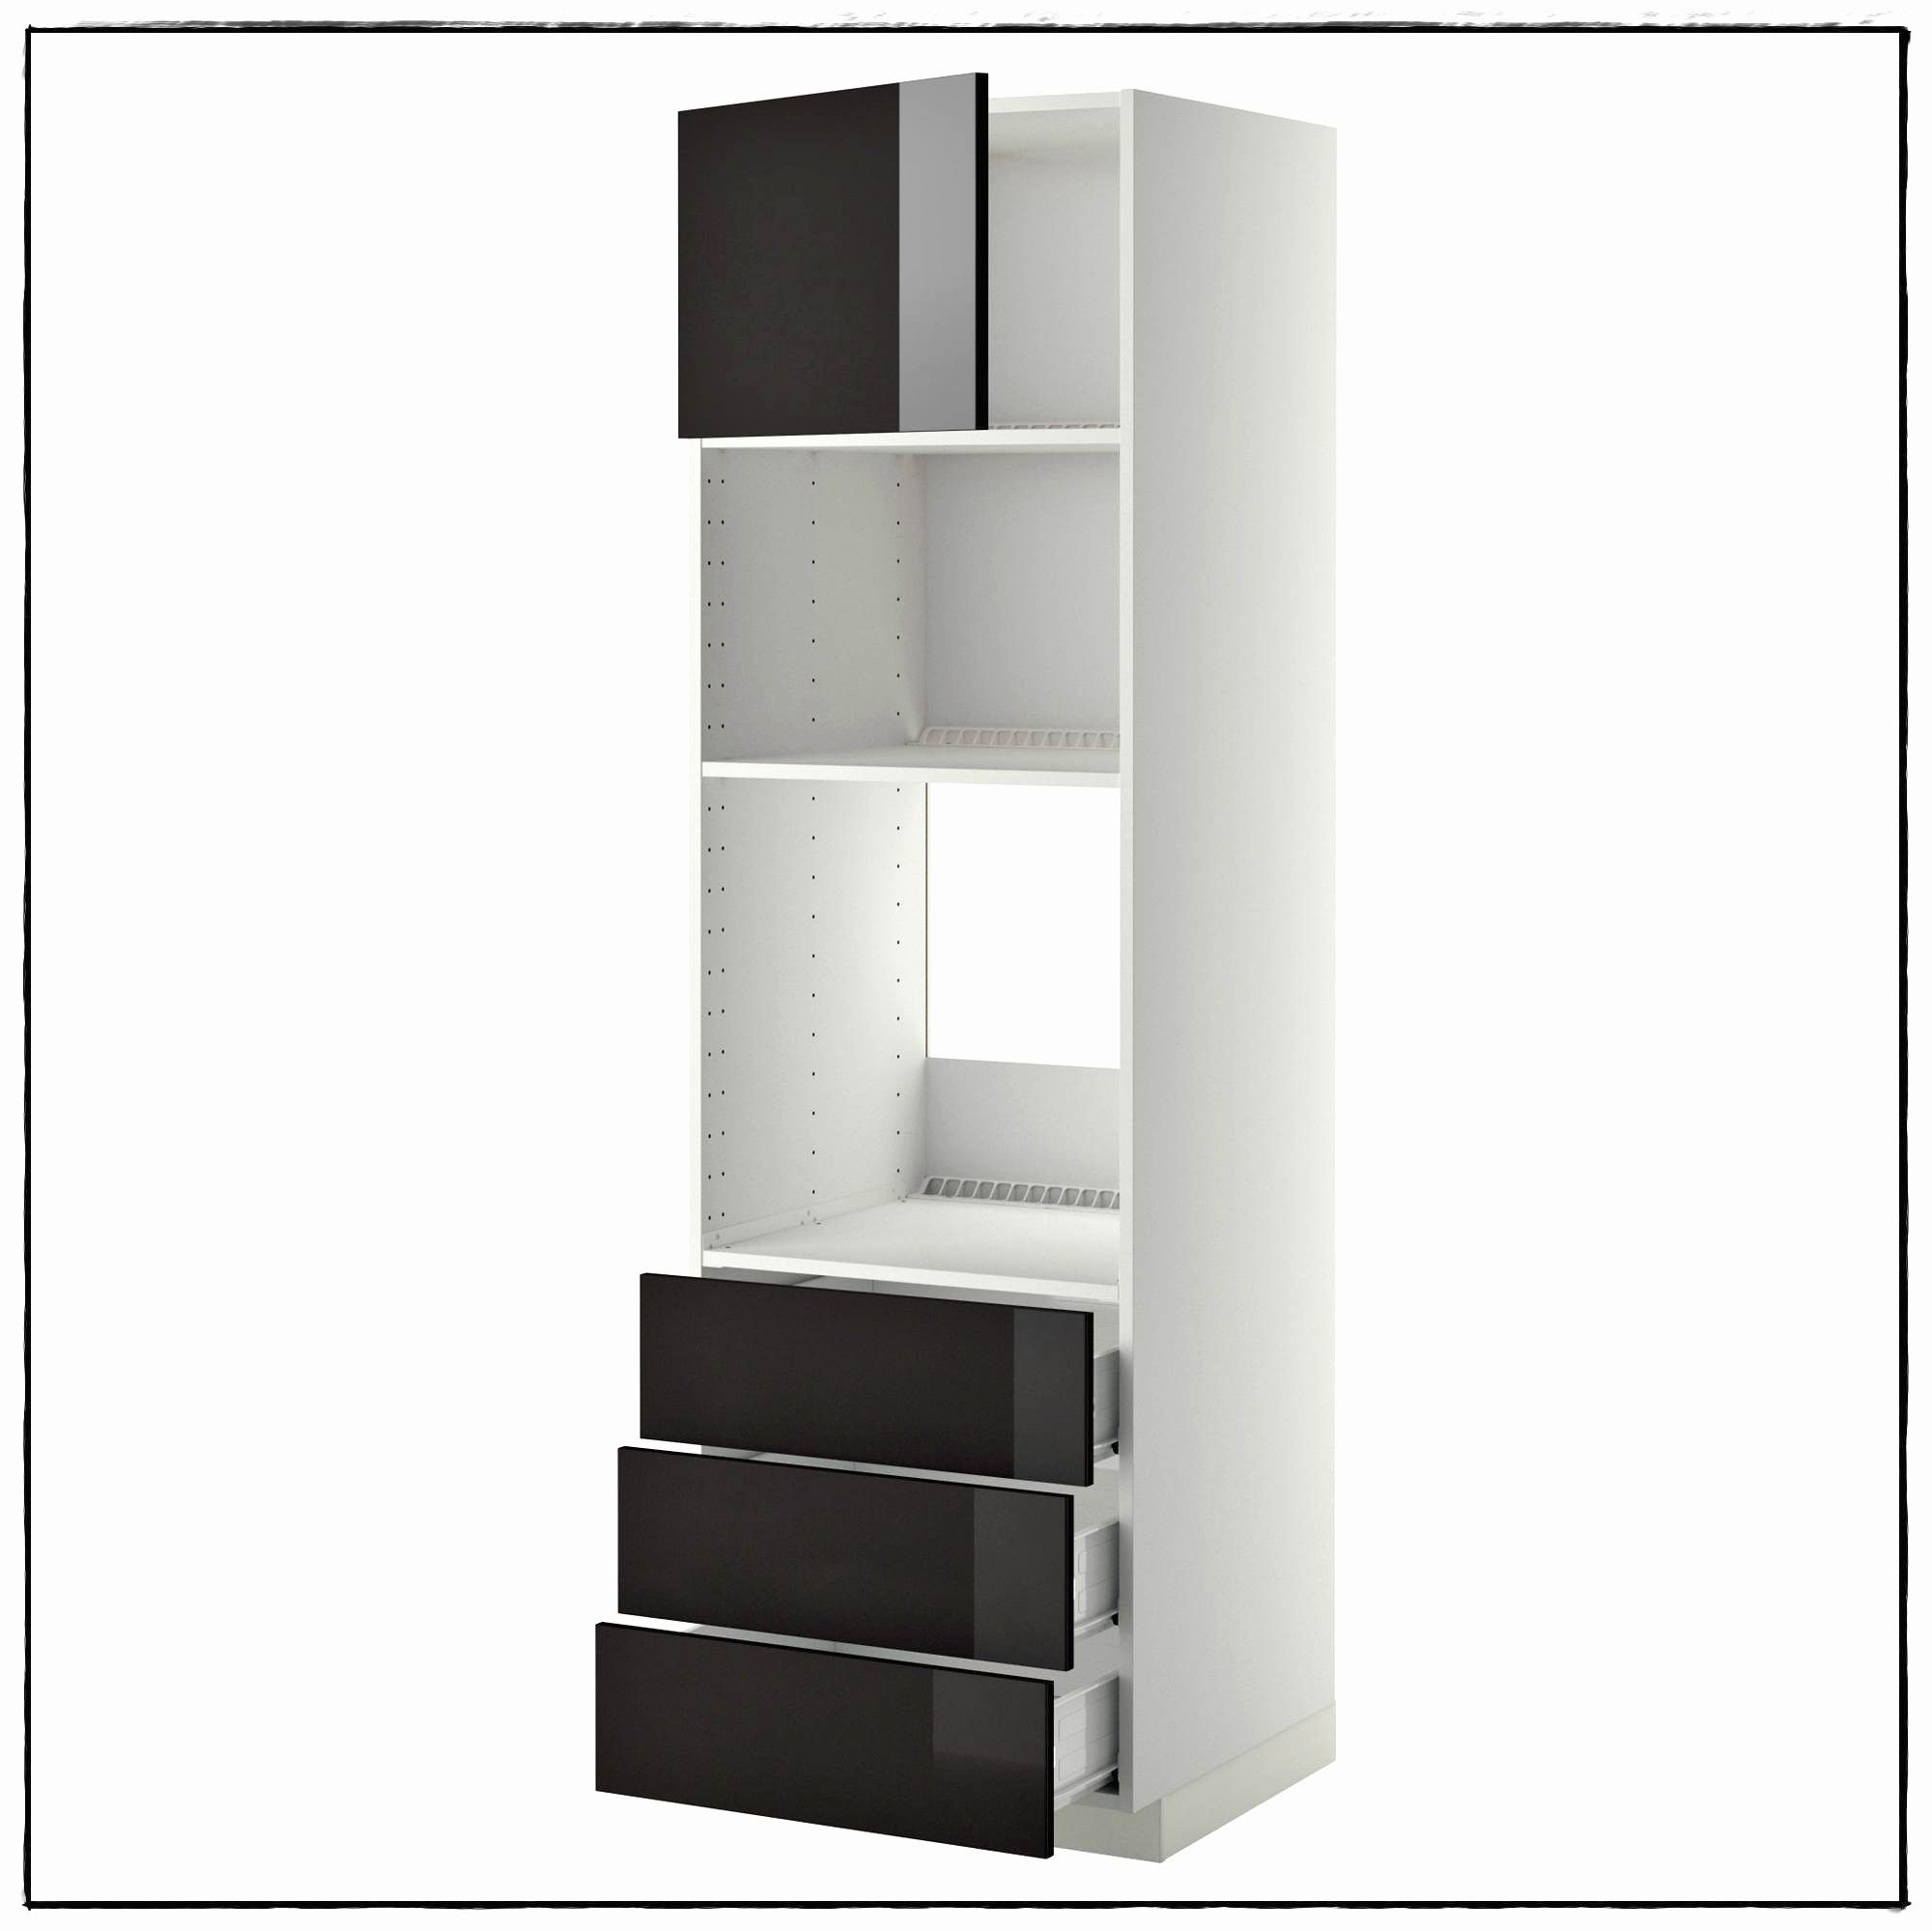 Meuble Sous Plaque Four Ikea unique meuble rangement papiers maison | meuble cuisine